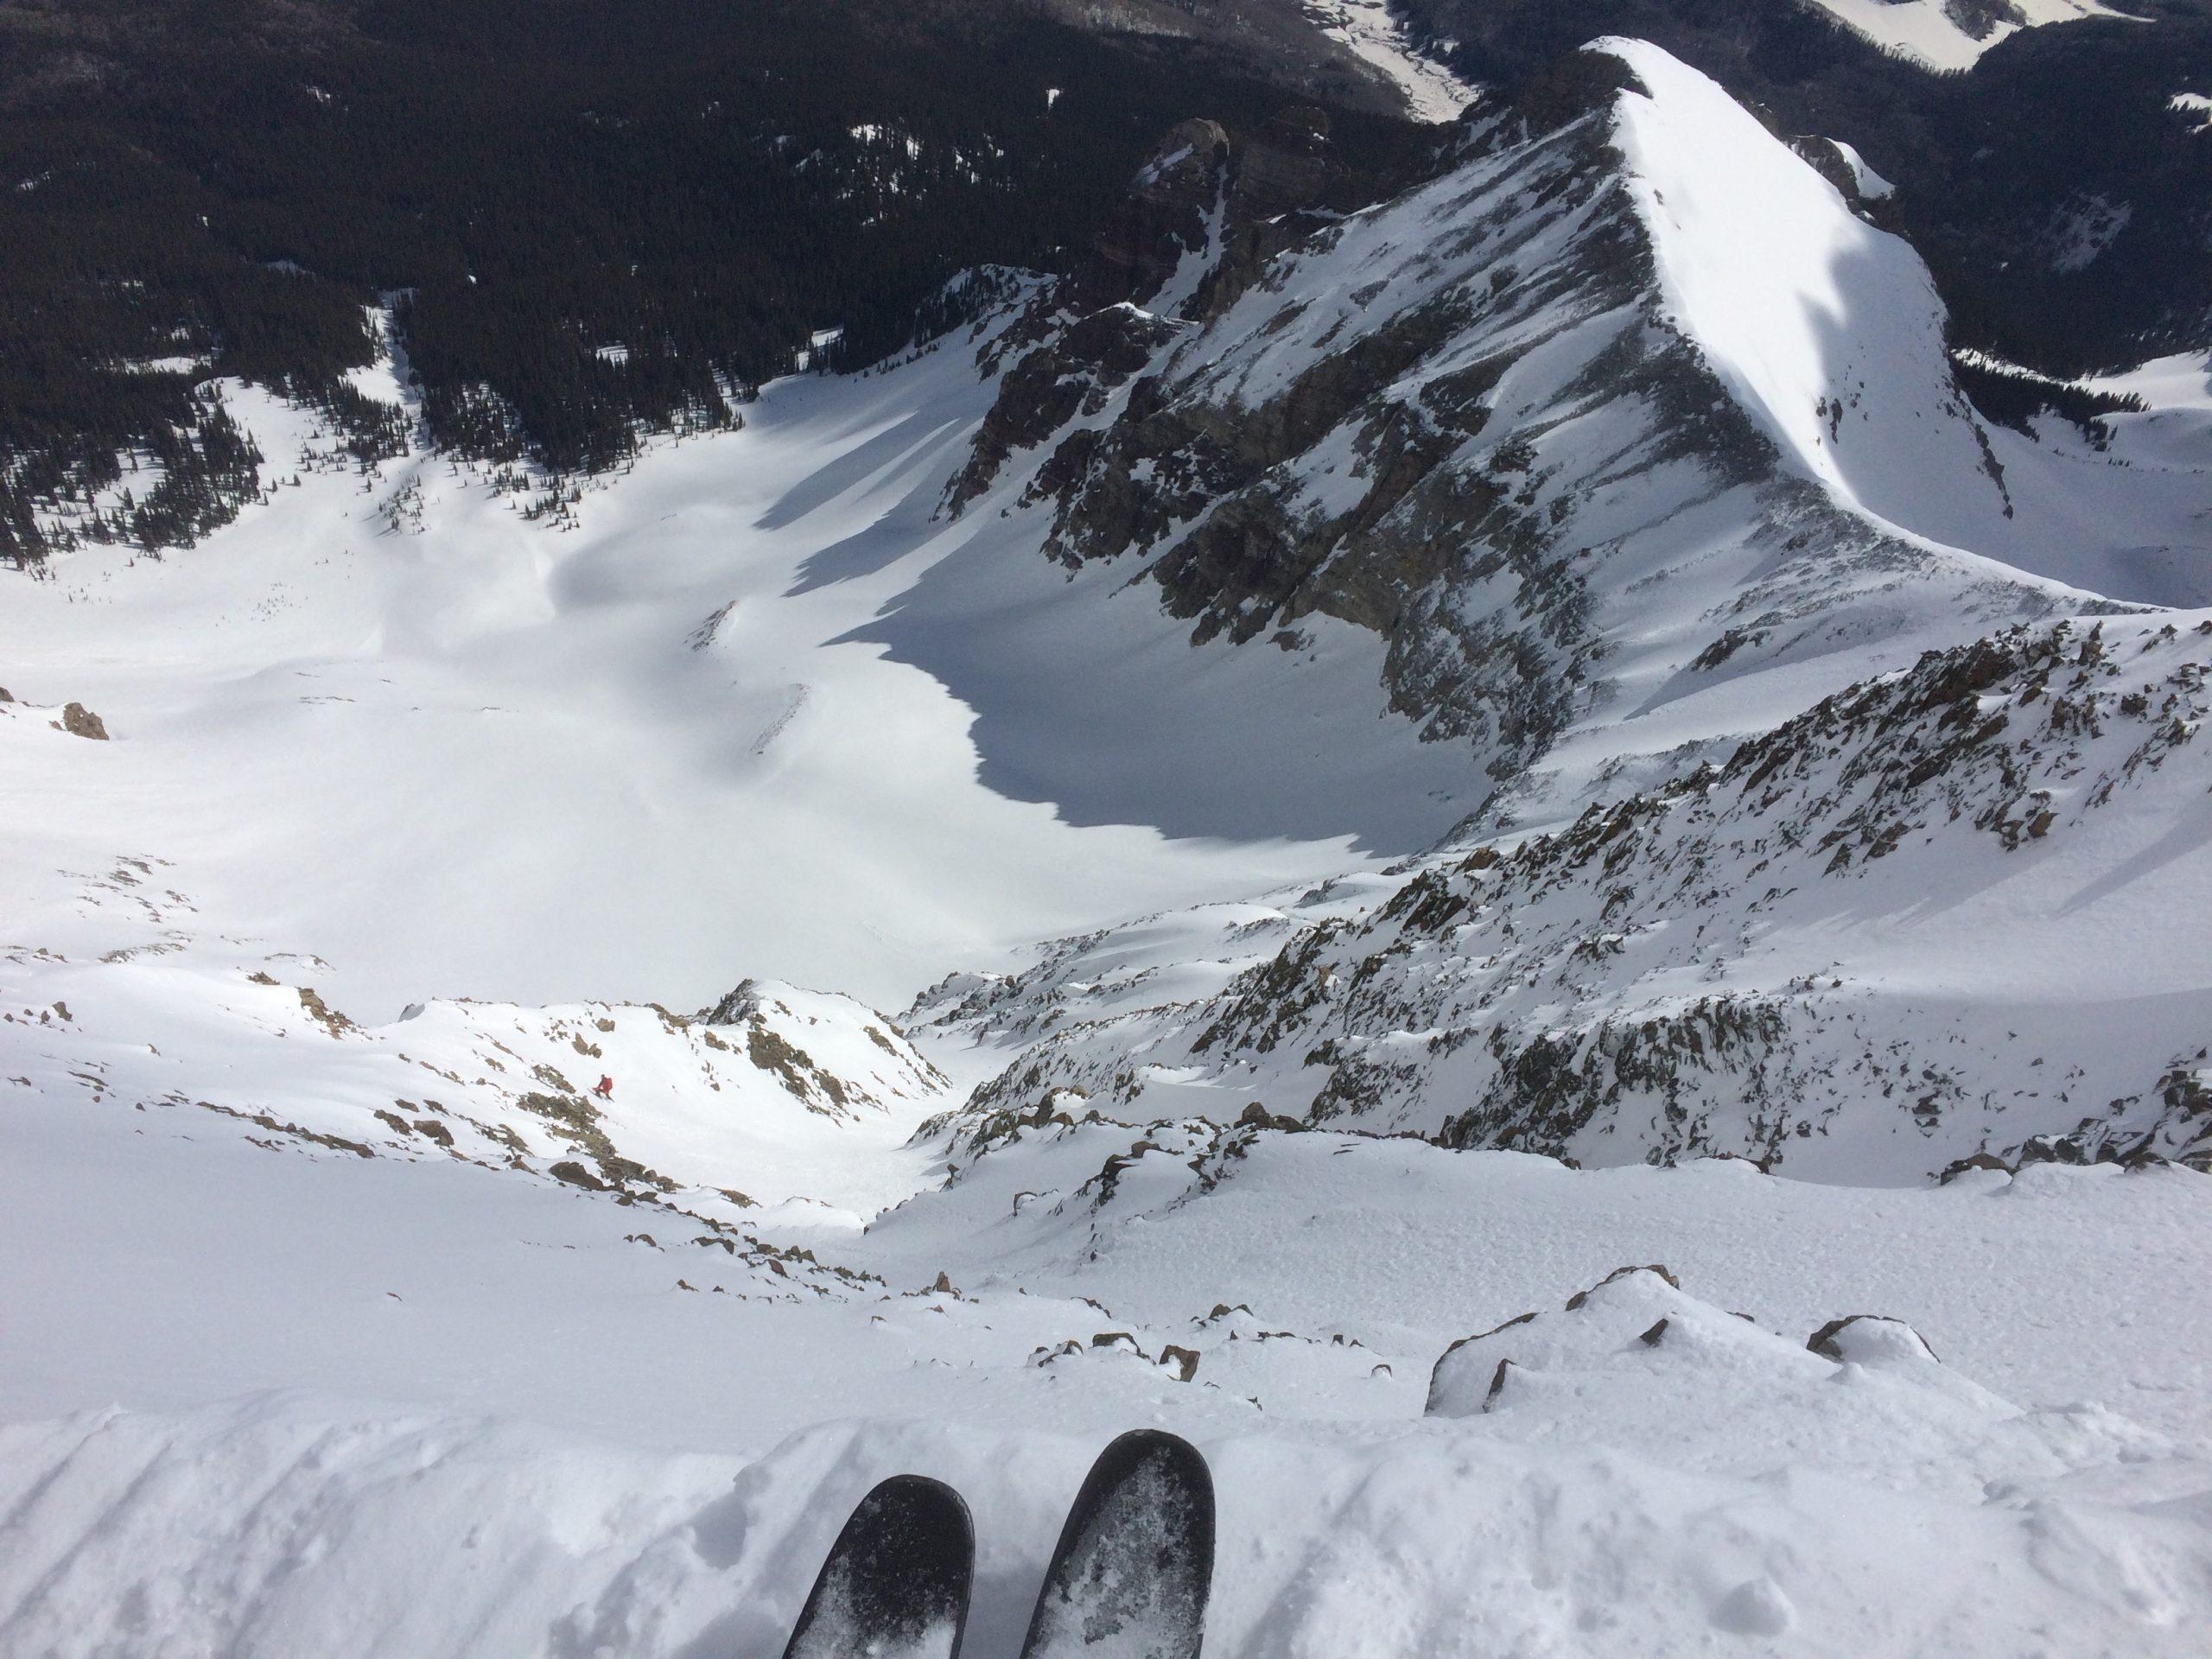 Skiing Wilson Peak Coors Face